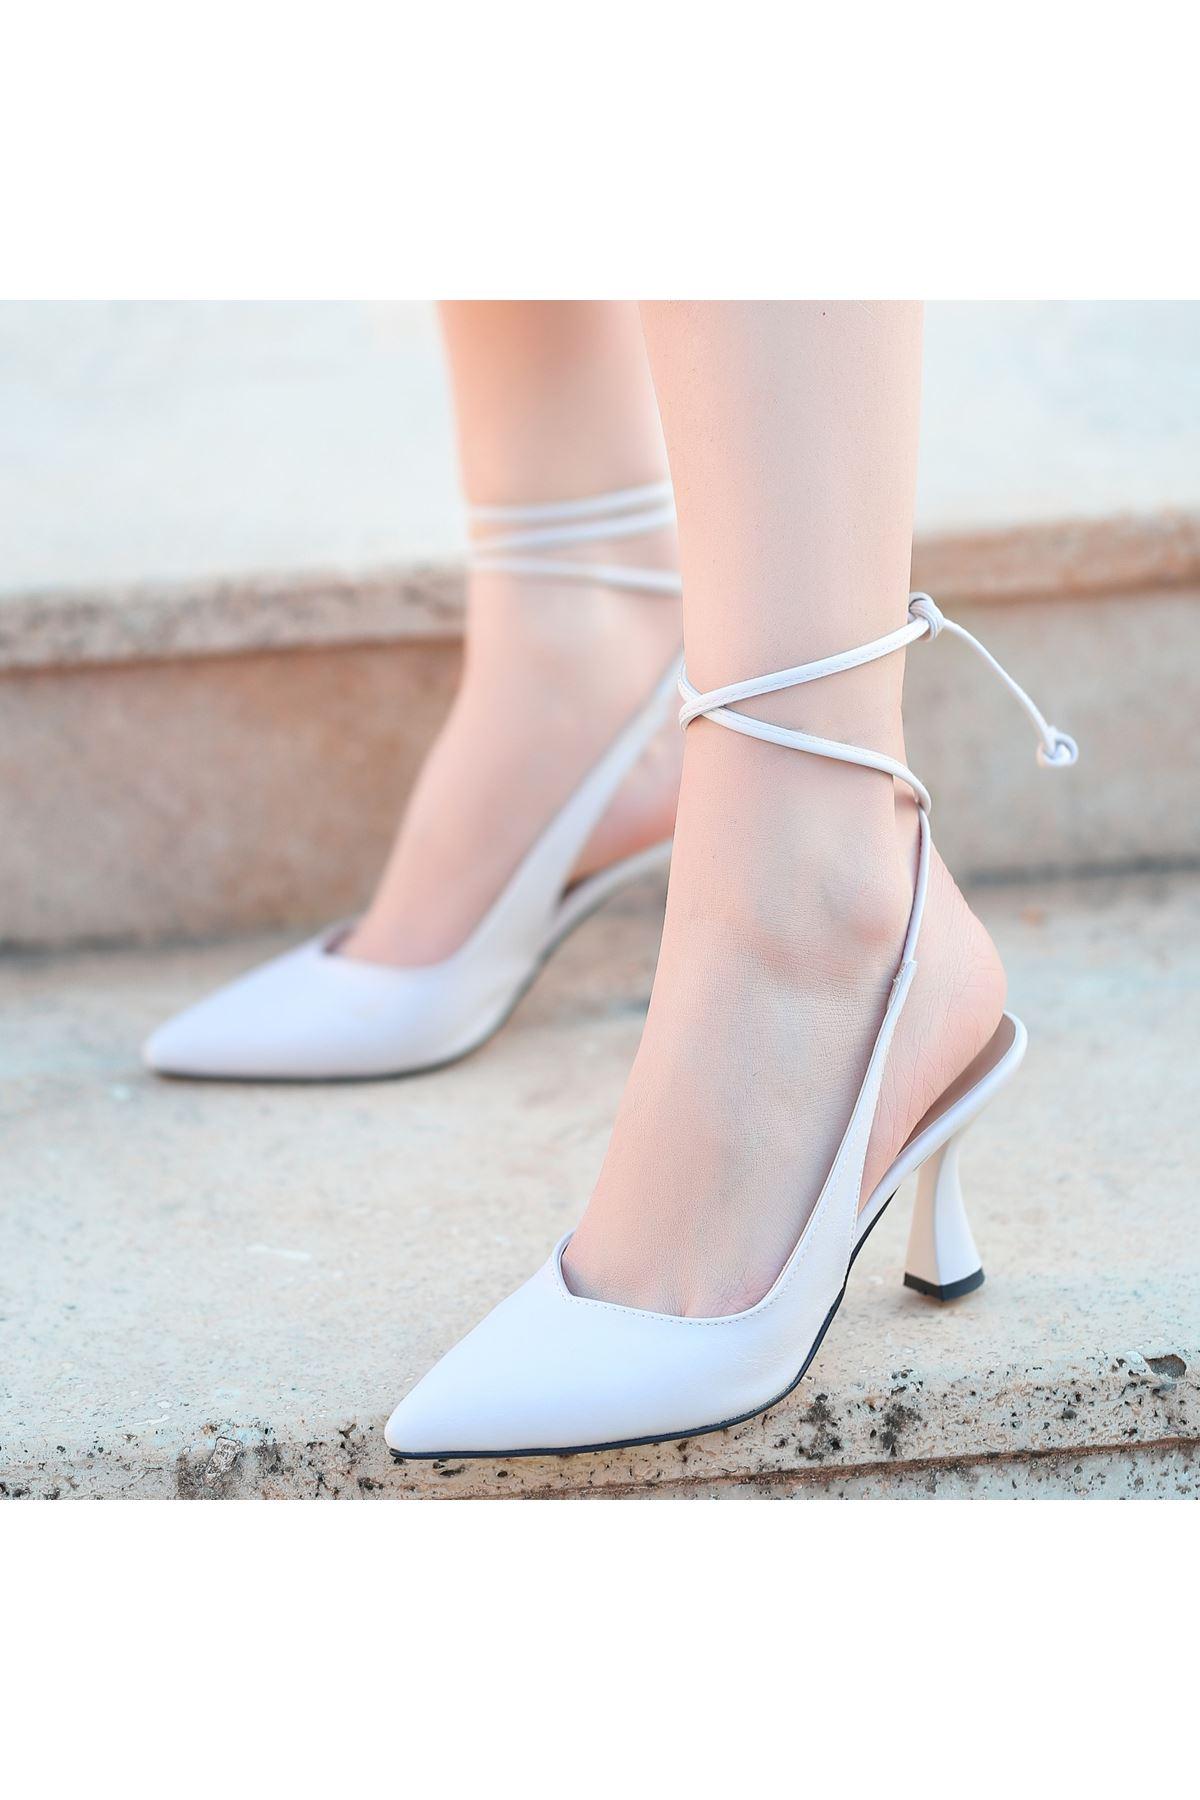 Wonna Ten Cilt Topuklu Ayakkabı